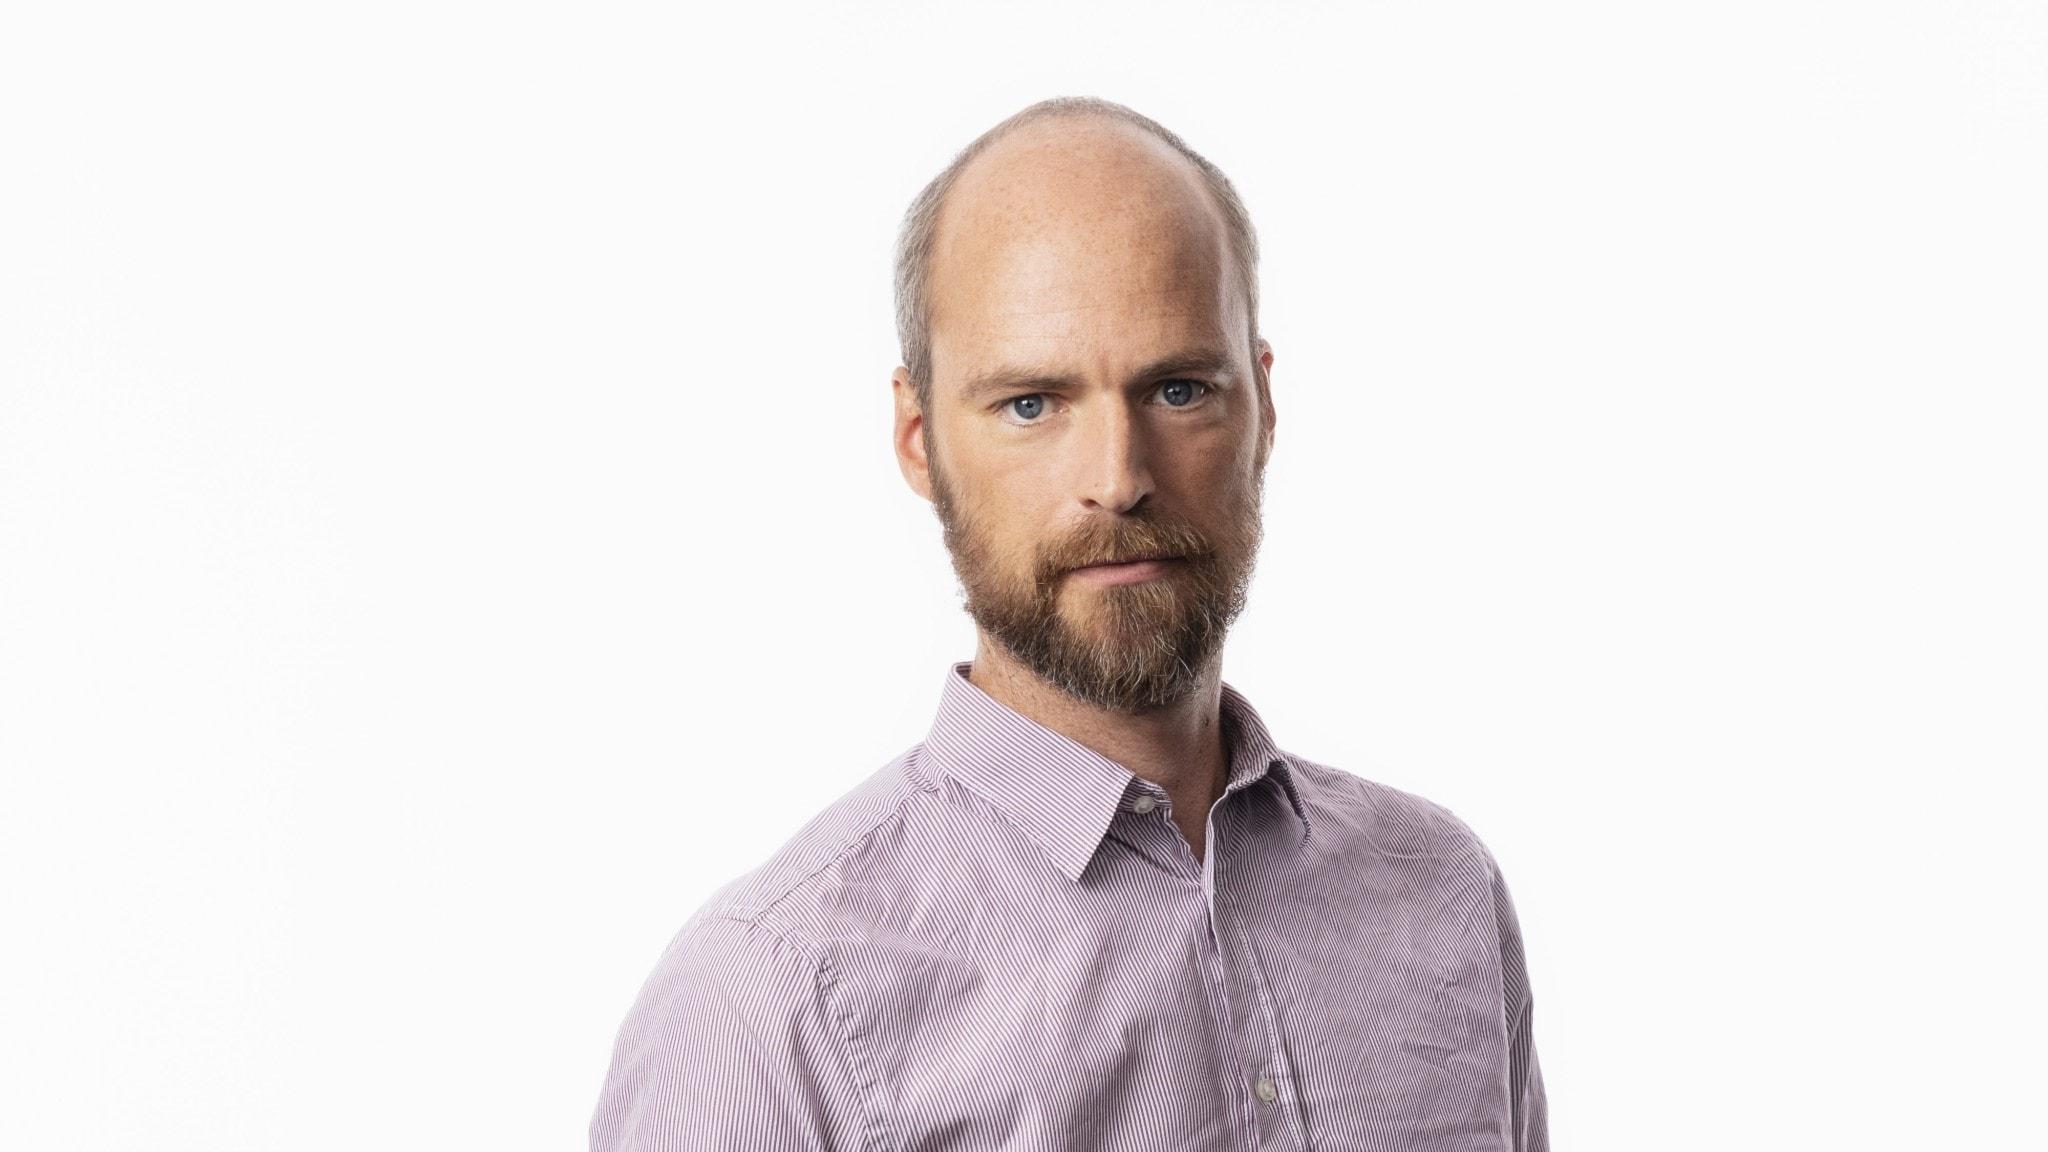 Samuel Larsson bland medicinmän, människosmugglare och migranter